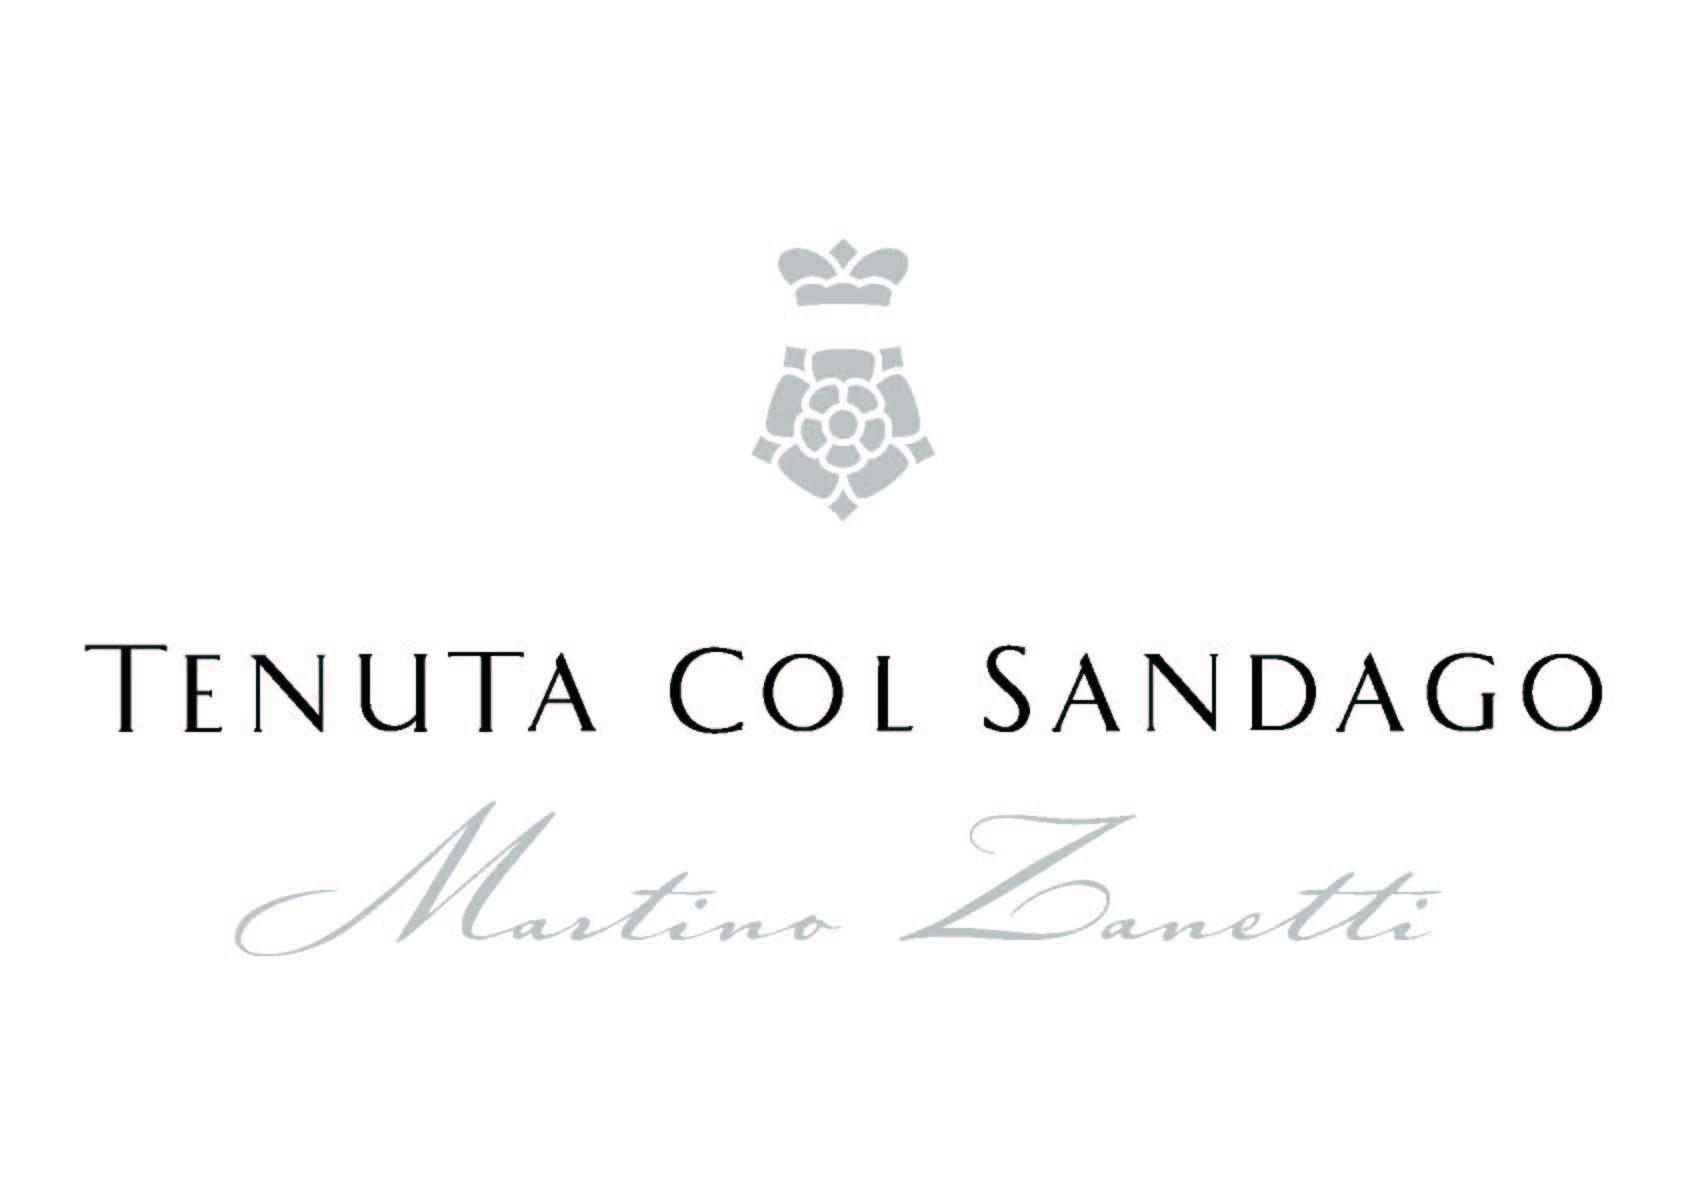 Tenuta Col Sandago - Case Bianche a Vino in Villa 2015